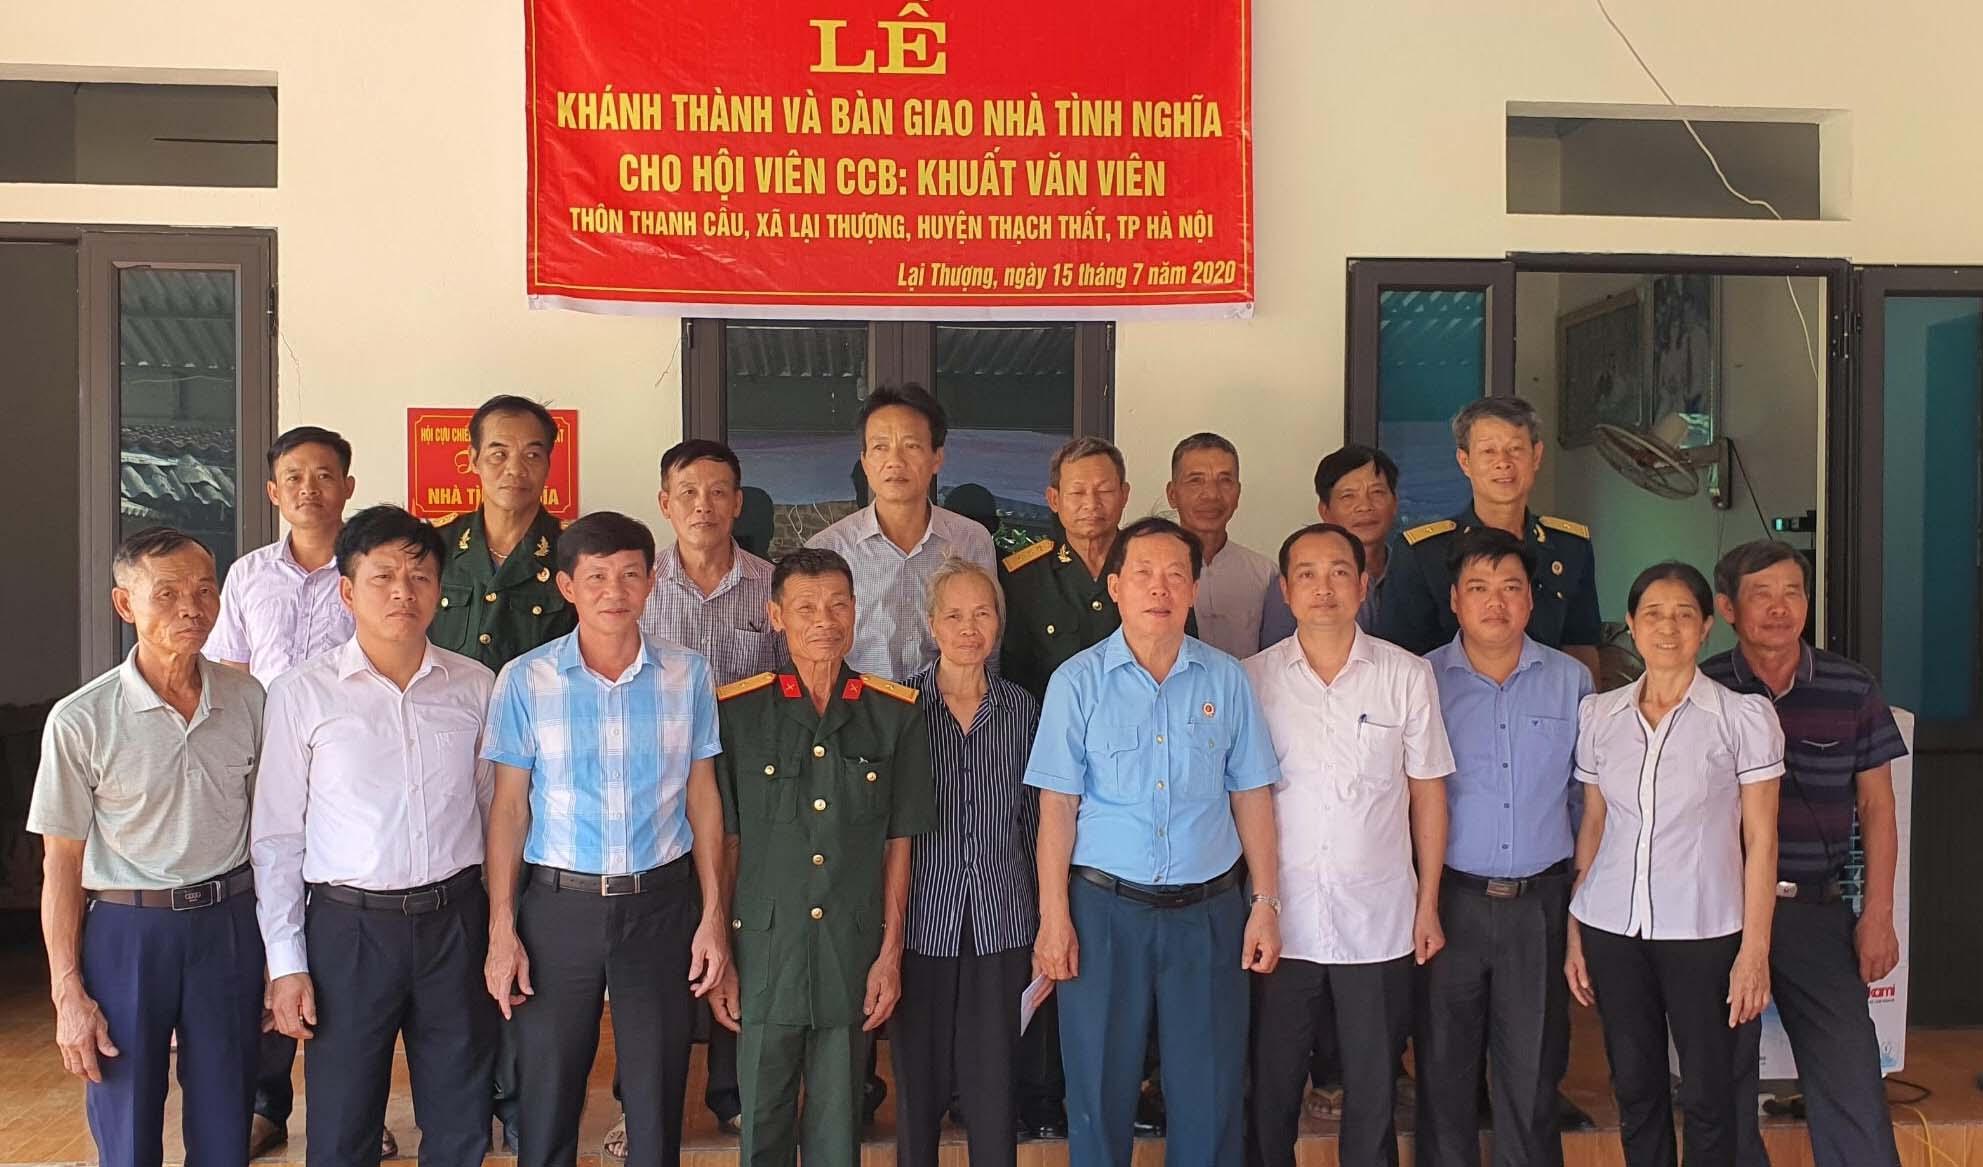 Hội CCB huyện Thạch Thất - Hà Nội Đoàn kết, giúp nhau phát triển kinh tế